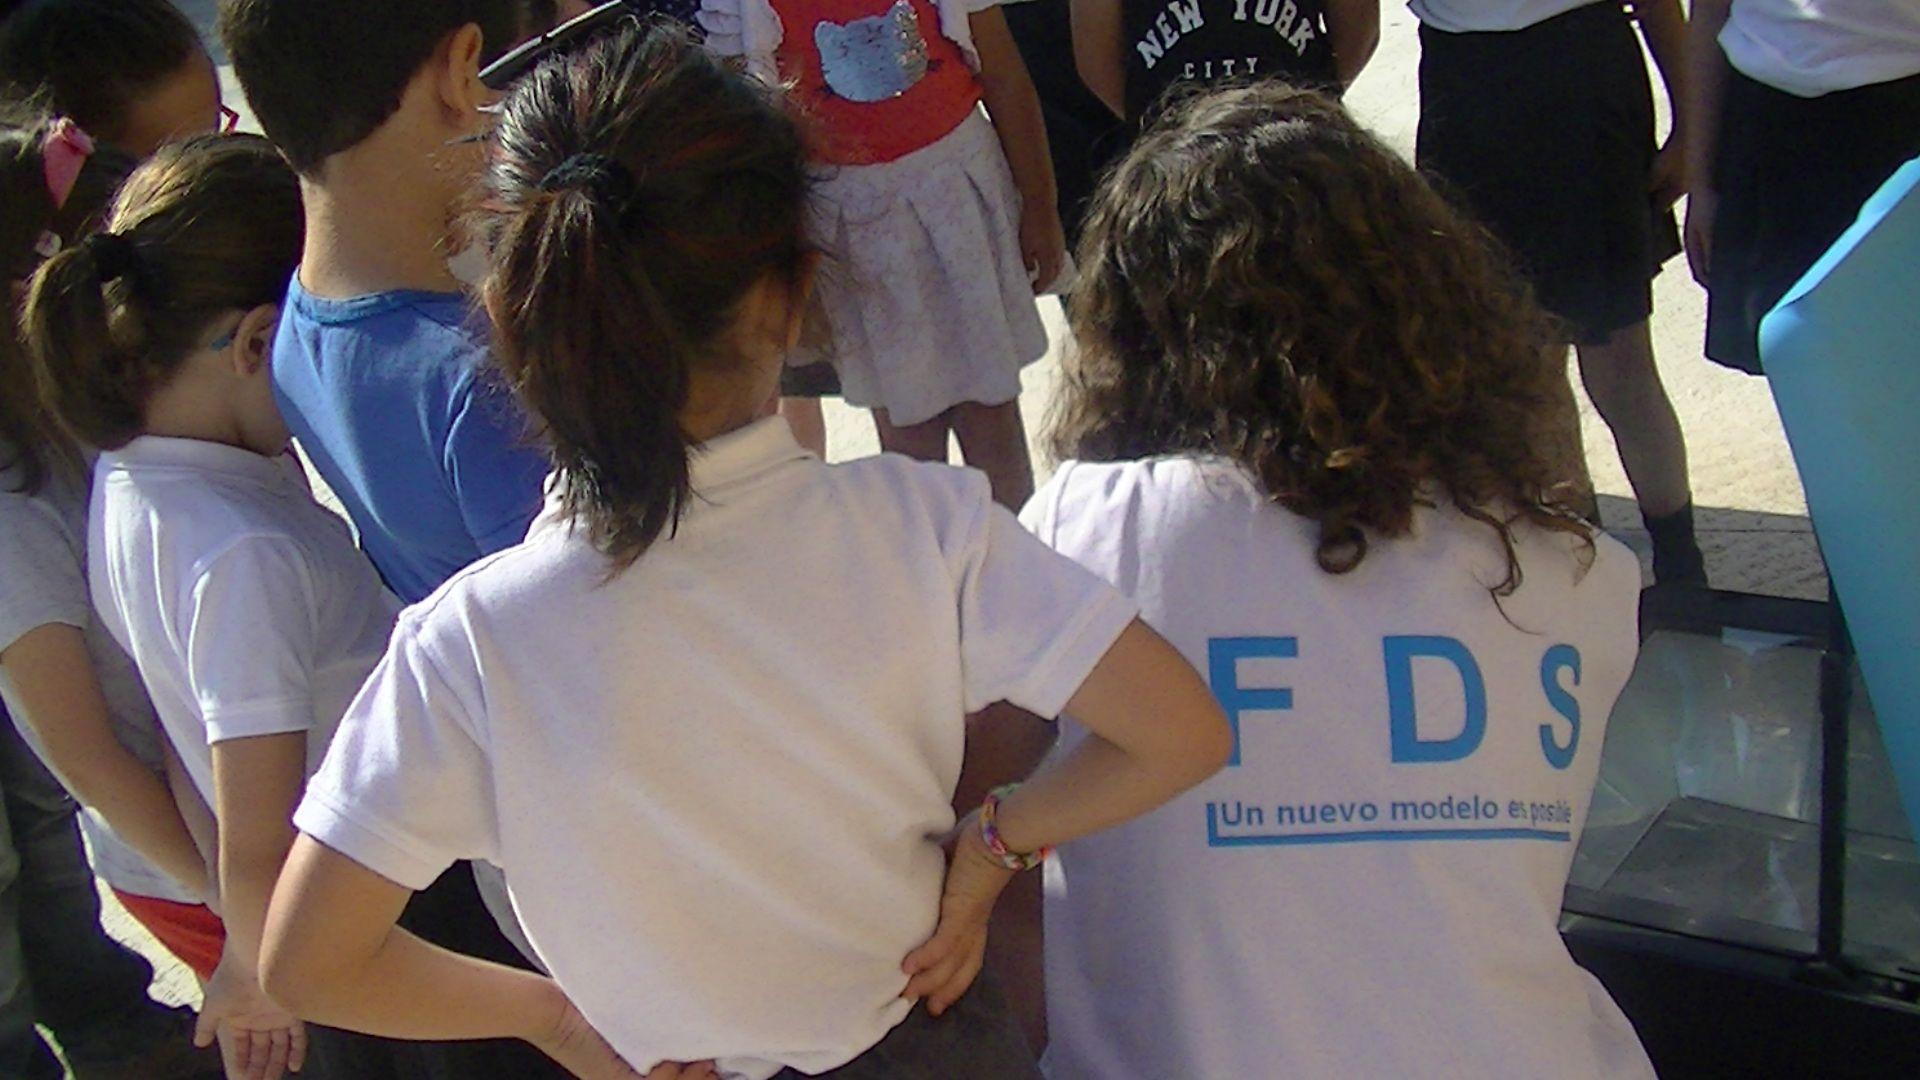 PIC 2271 - El Ayuntamiento de Campos del Río participa en el Programa de Educación para el Desarrollo Sostenible de FDS